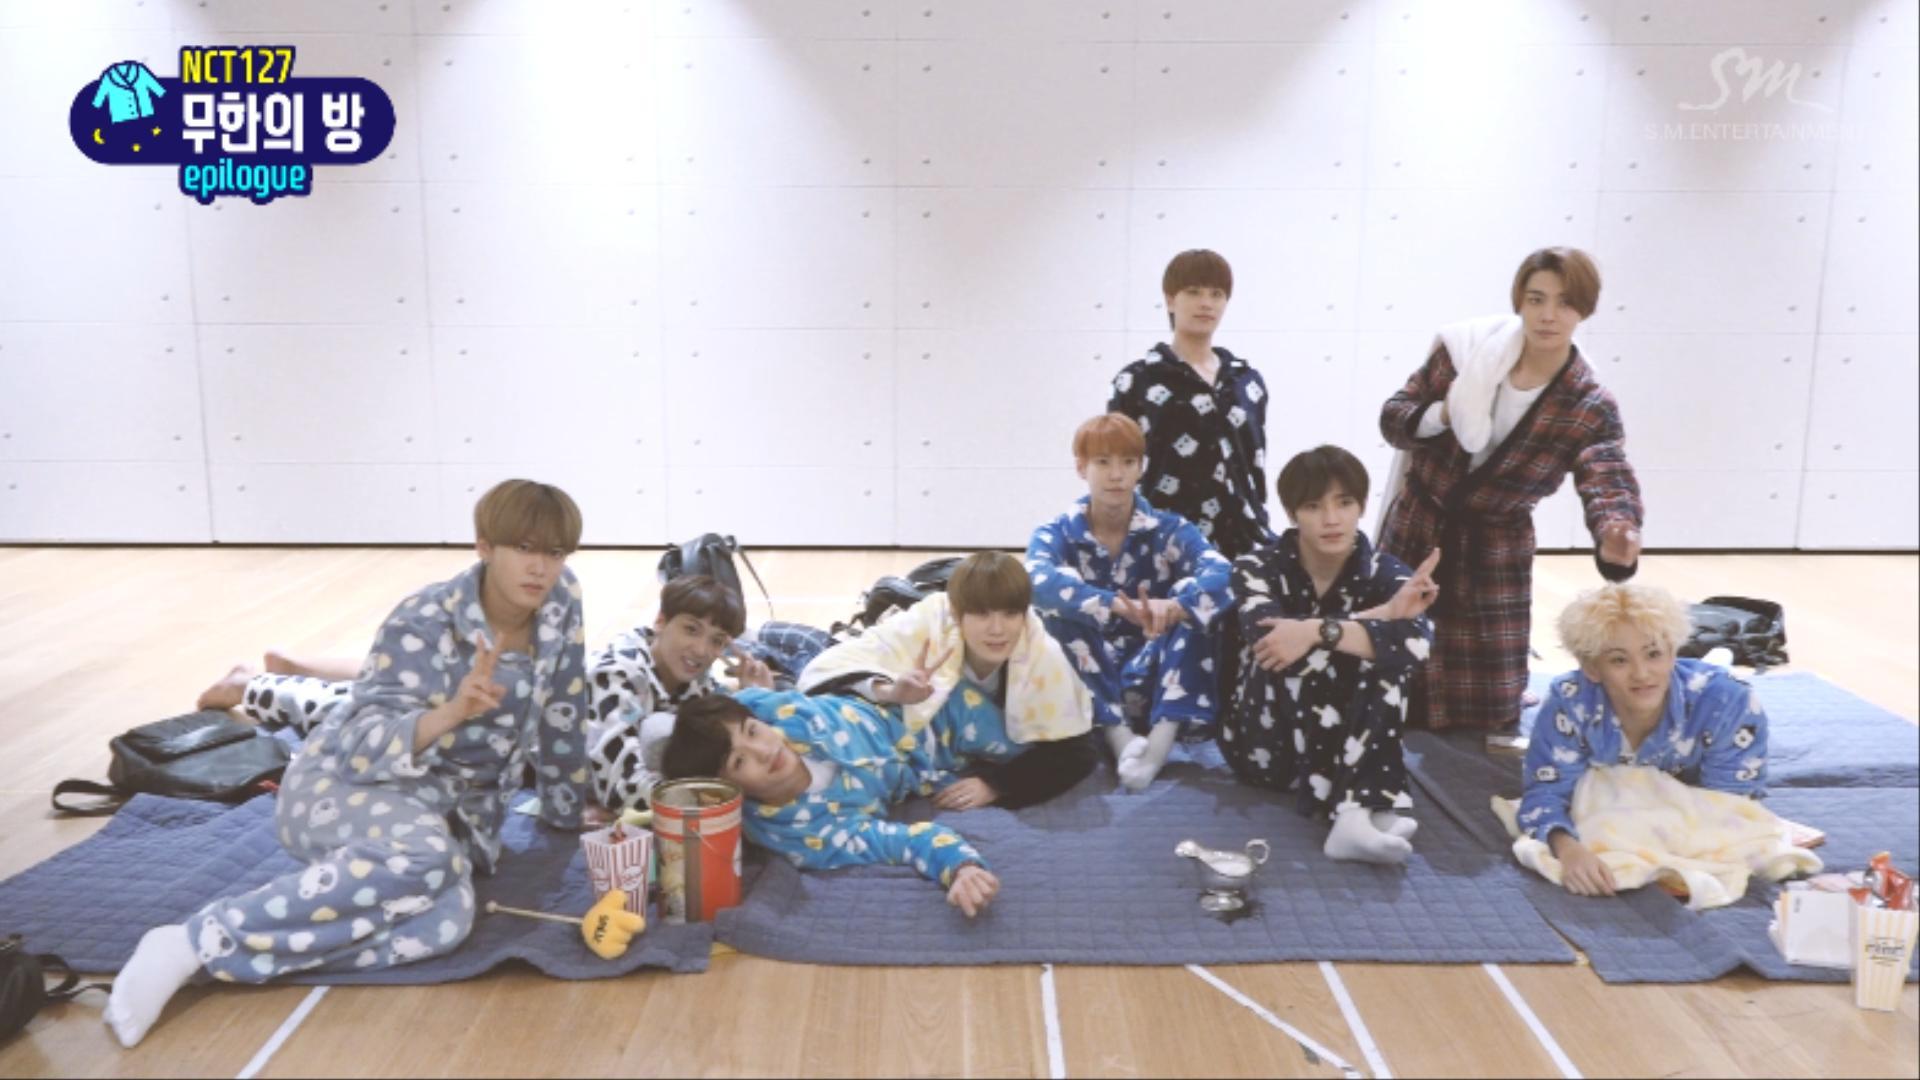 [무한의 방] NCT 127's LIMITLESS ROOM Last Episode